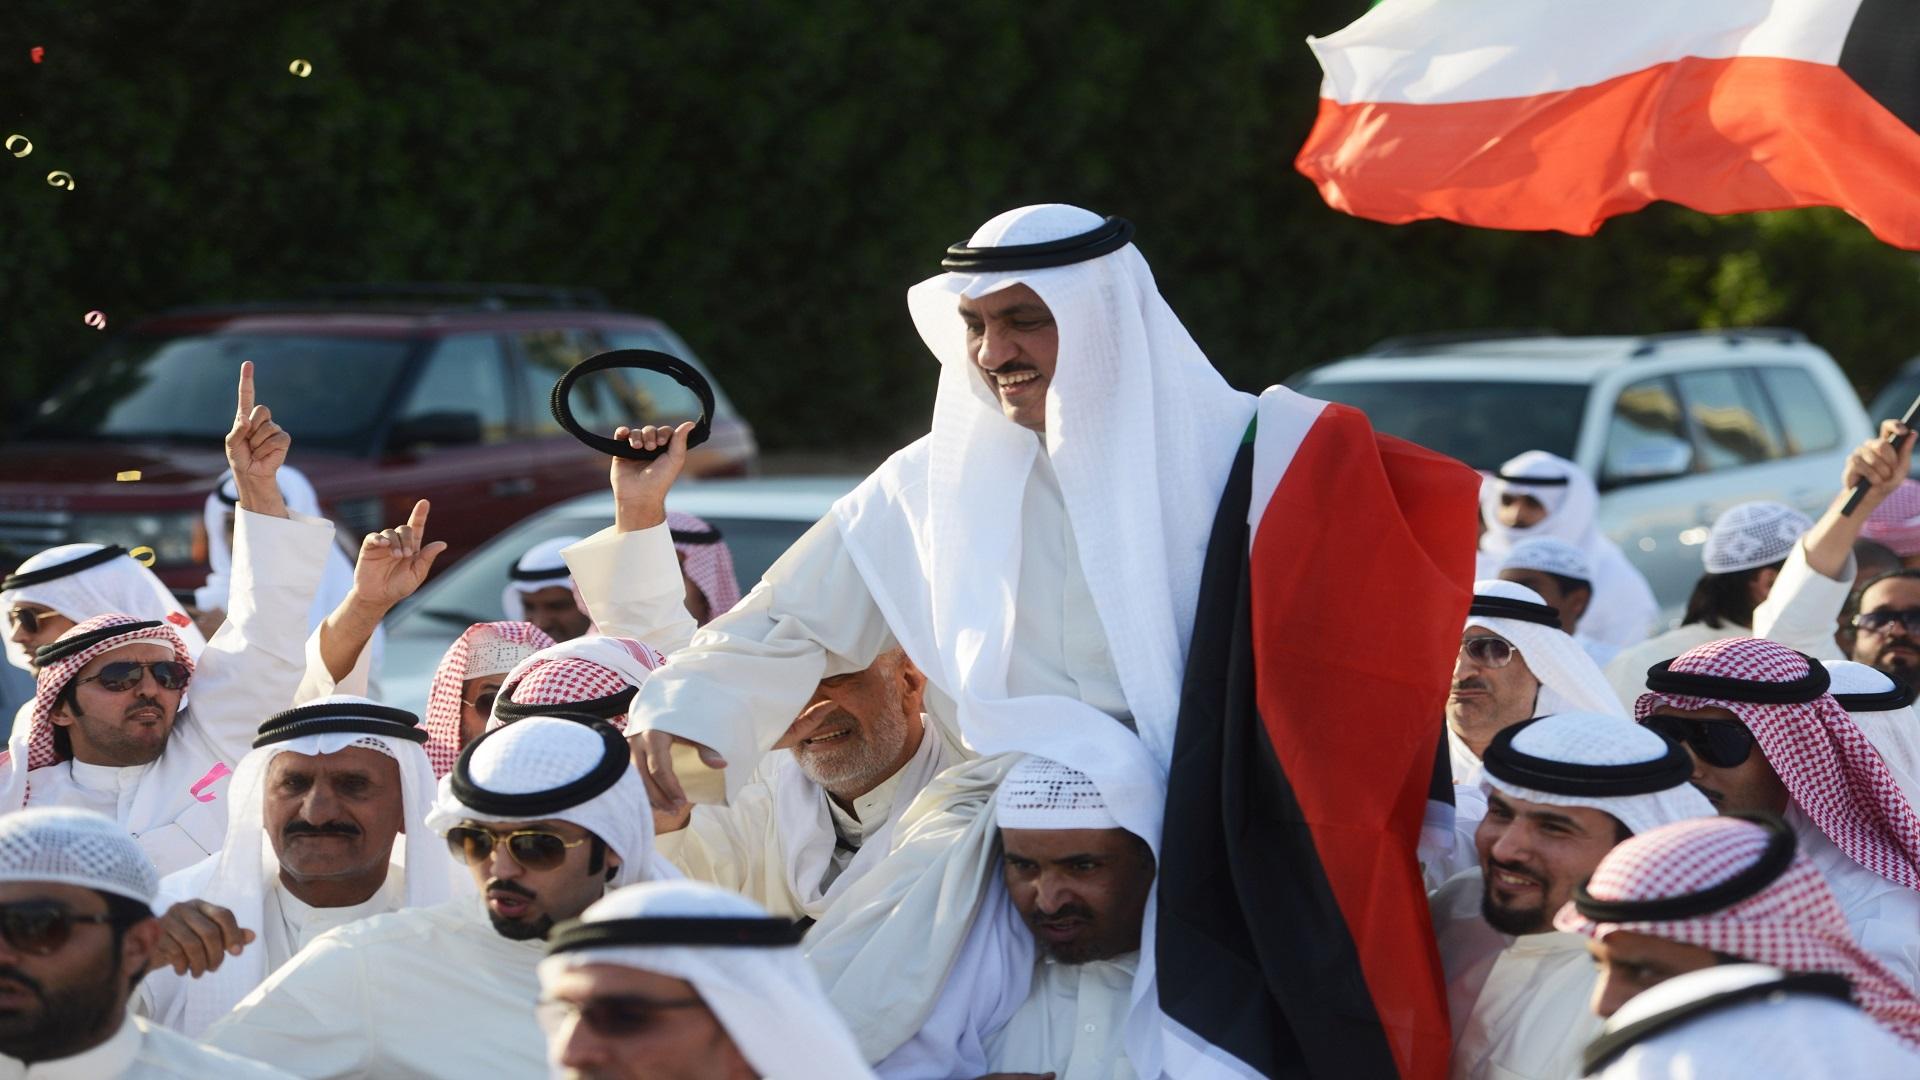 مسلم البراك زعيم تاريخي للمعارضة في الكويت